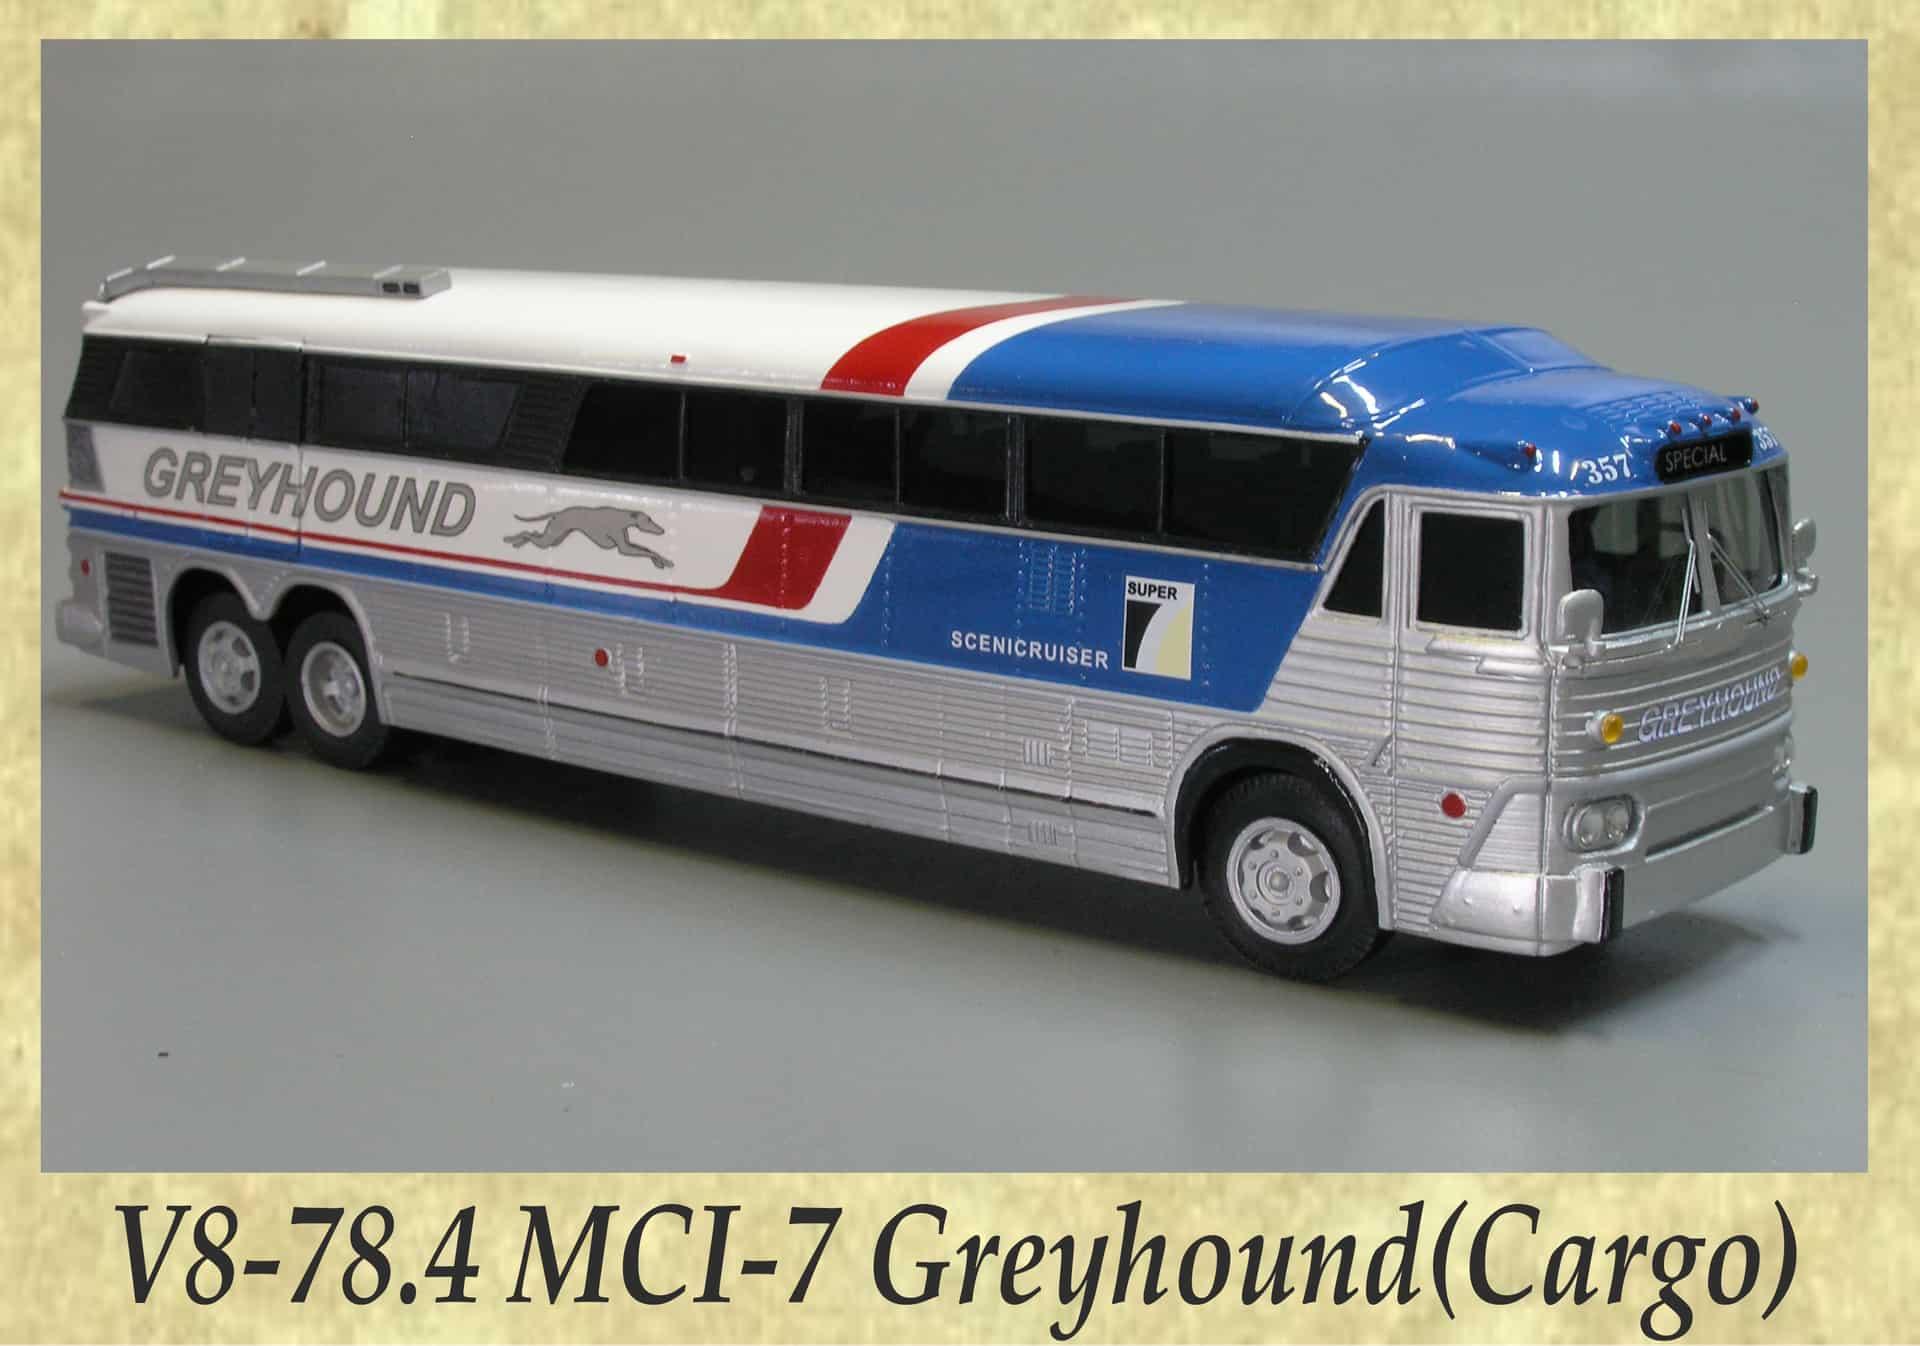 V8-78.4 MCI-7 Greyhound(Cargo)